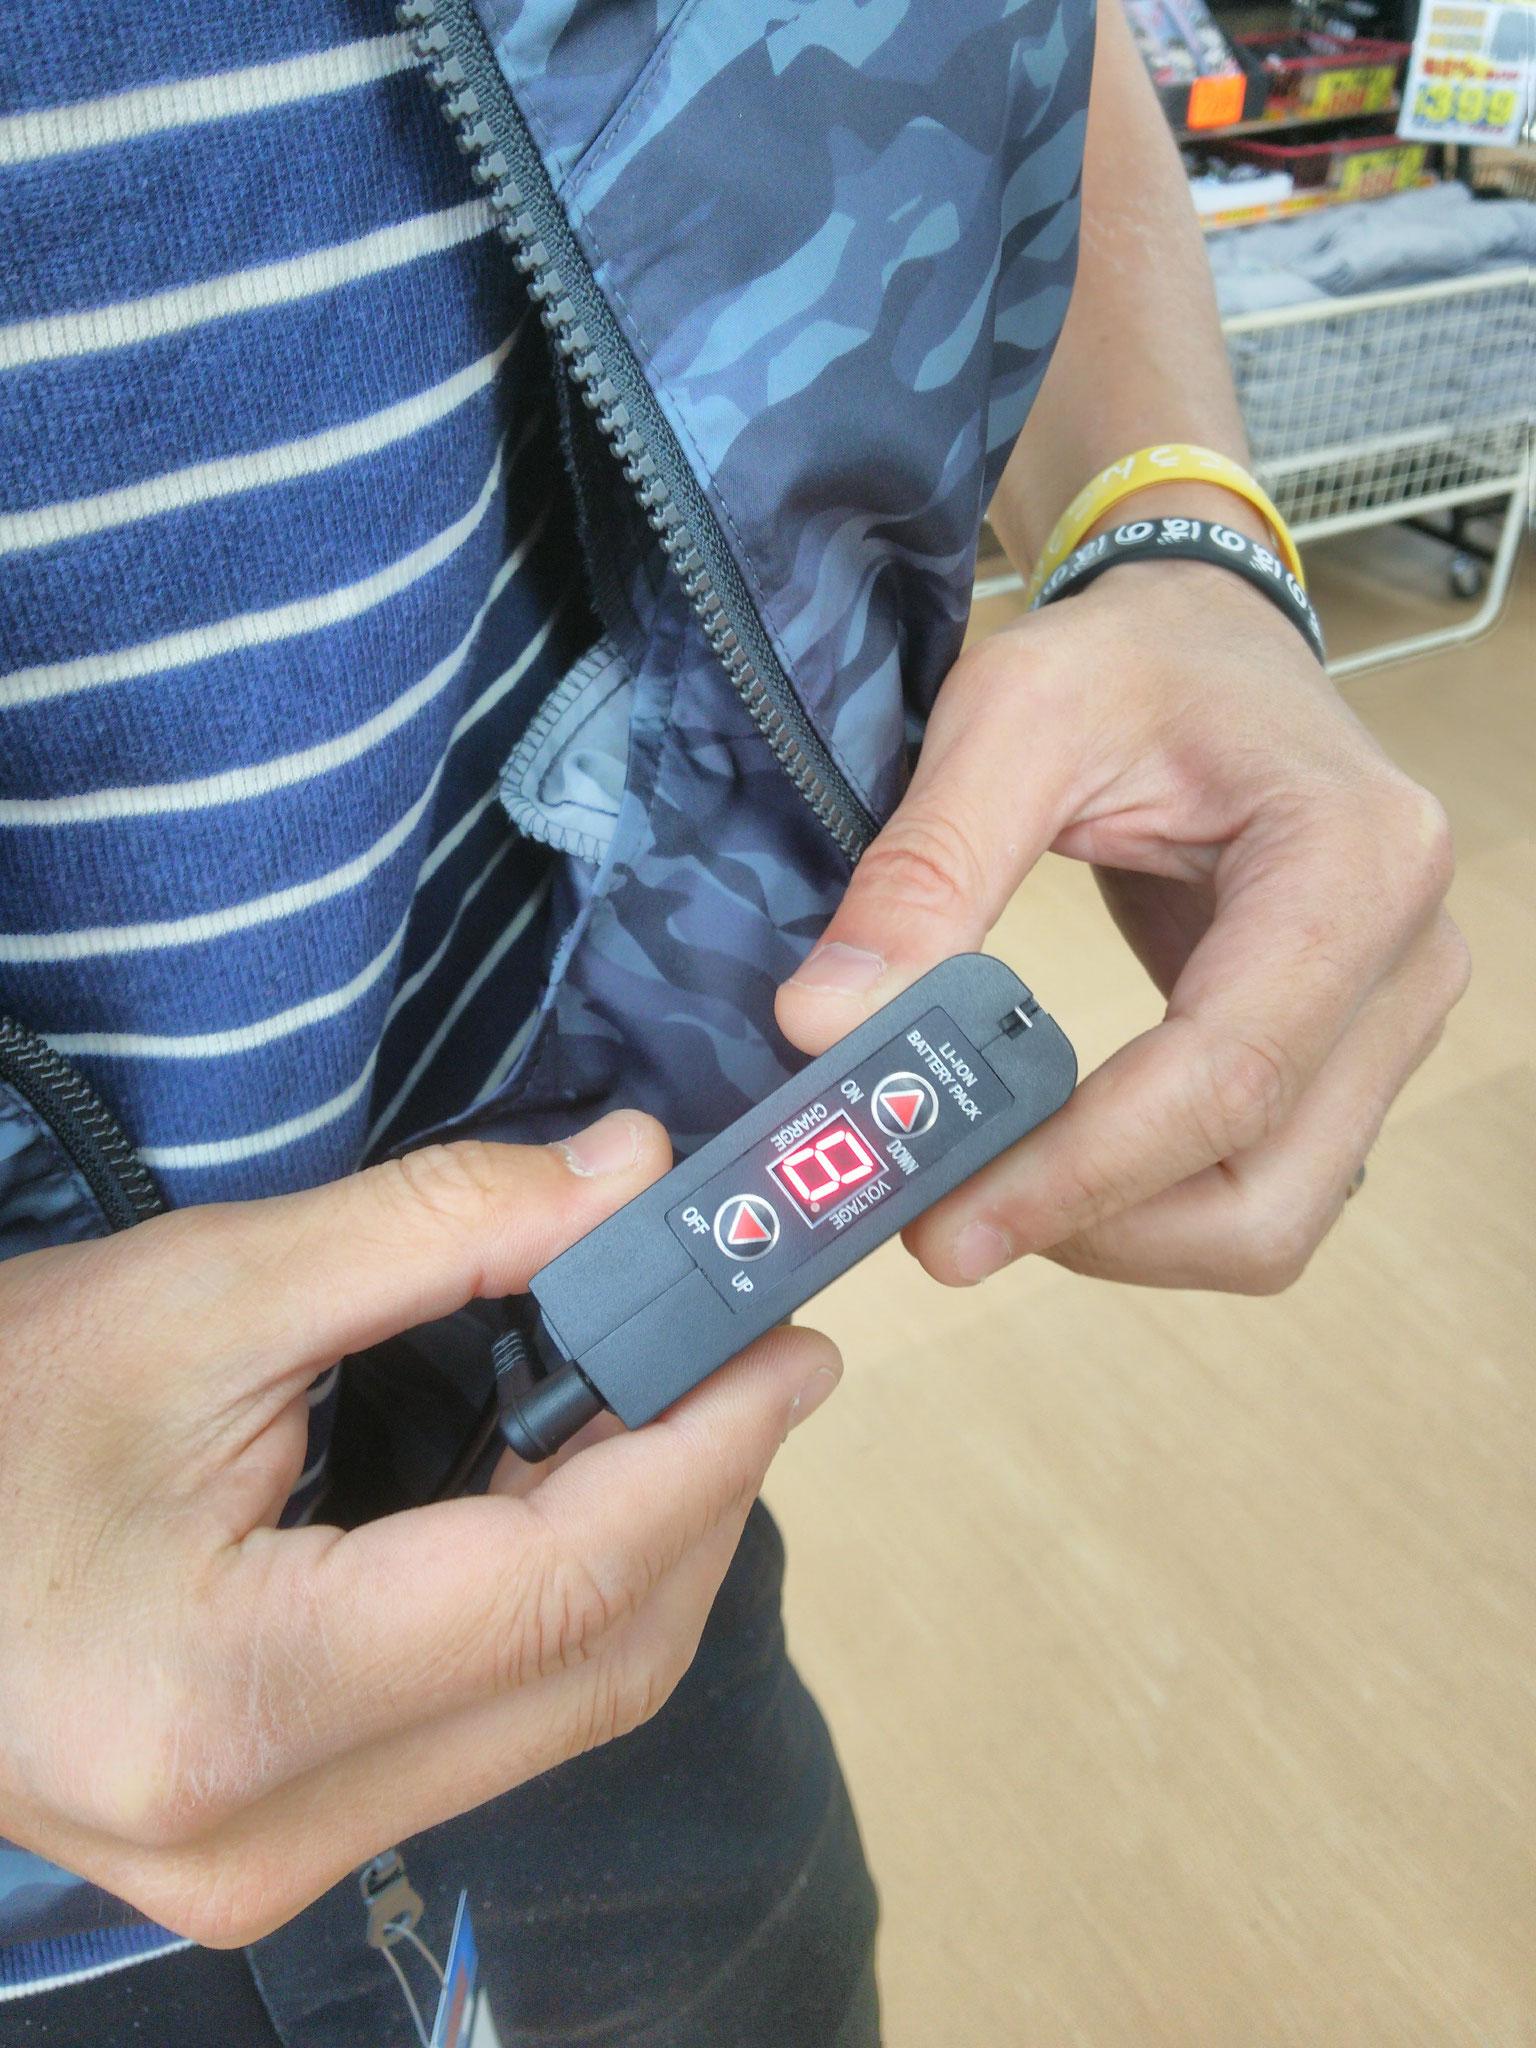 高性能 LIULTRA1J リチウムイオンバッテリー¥9,900(税込)